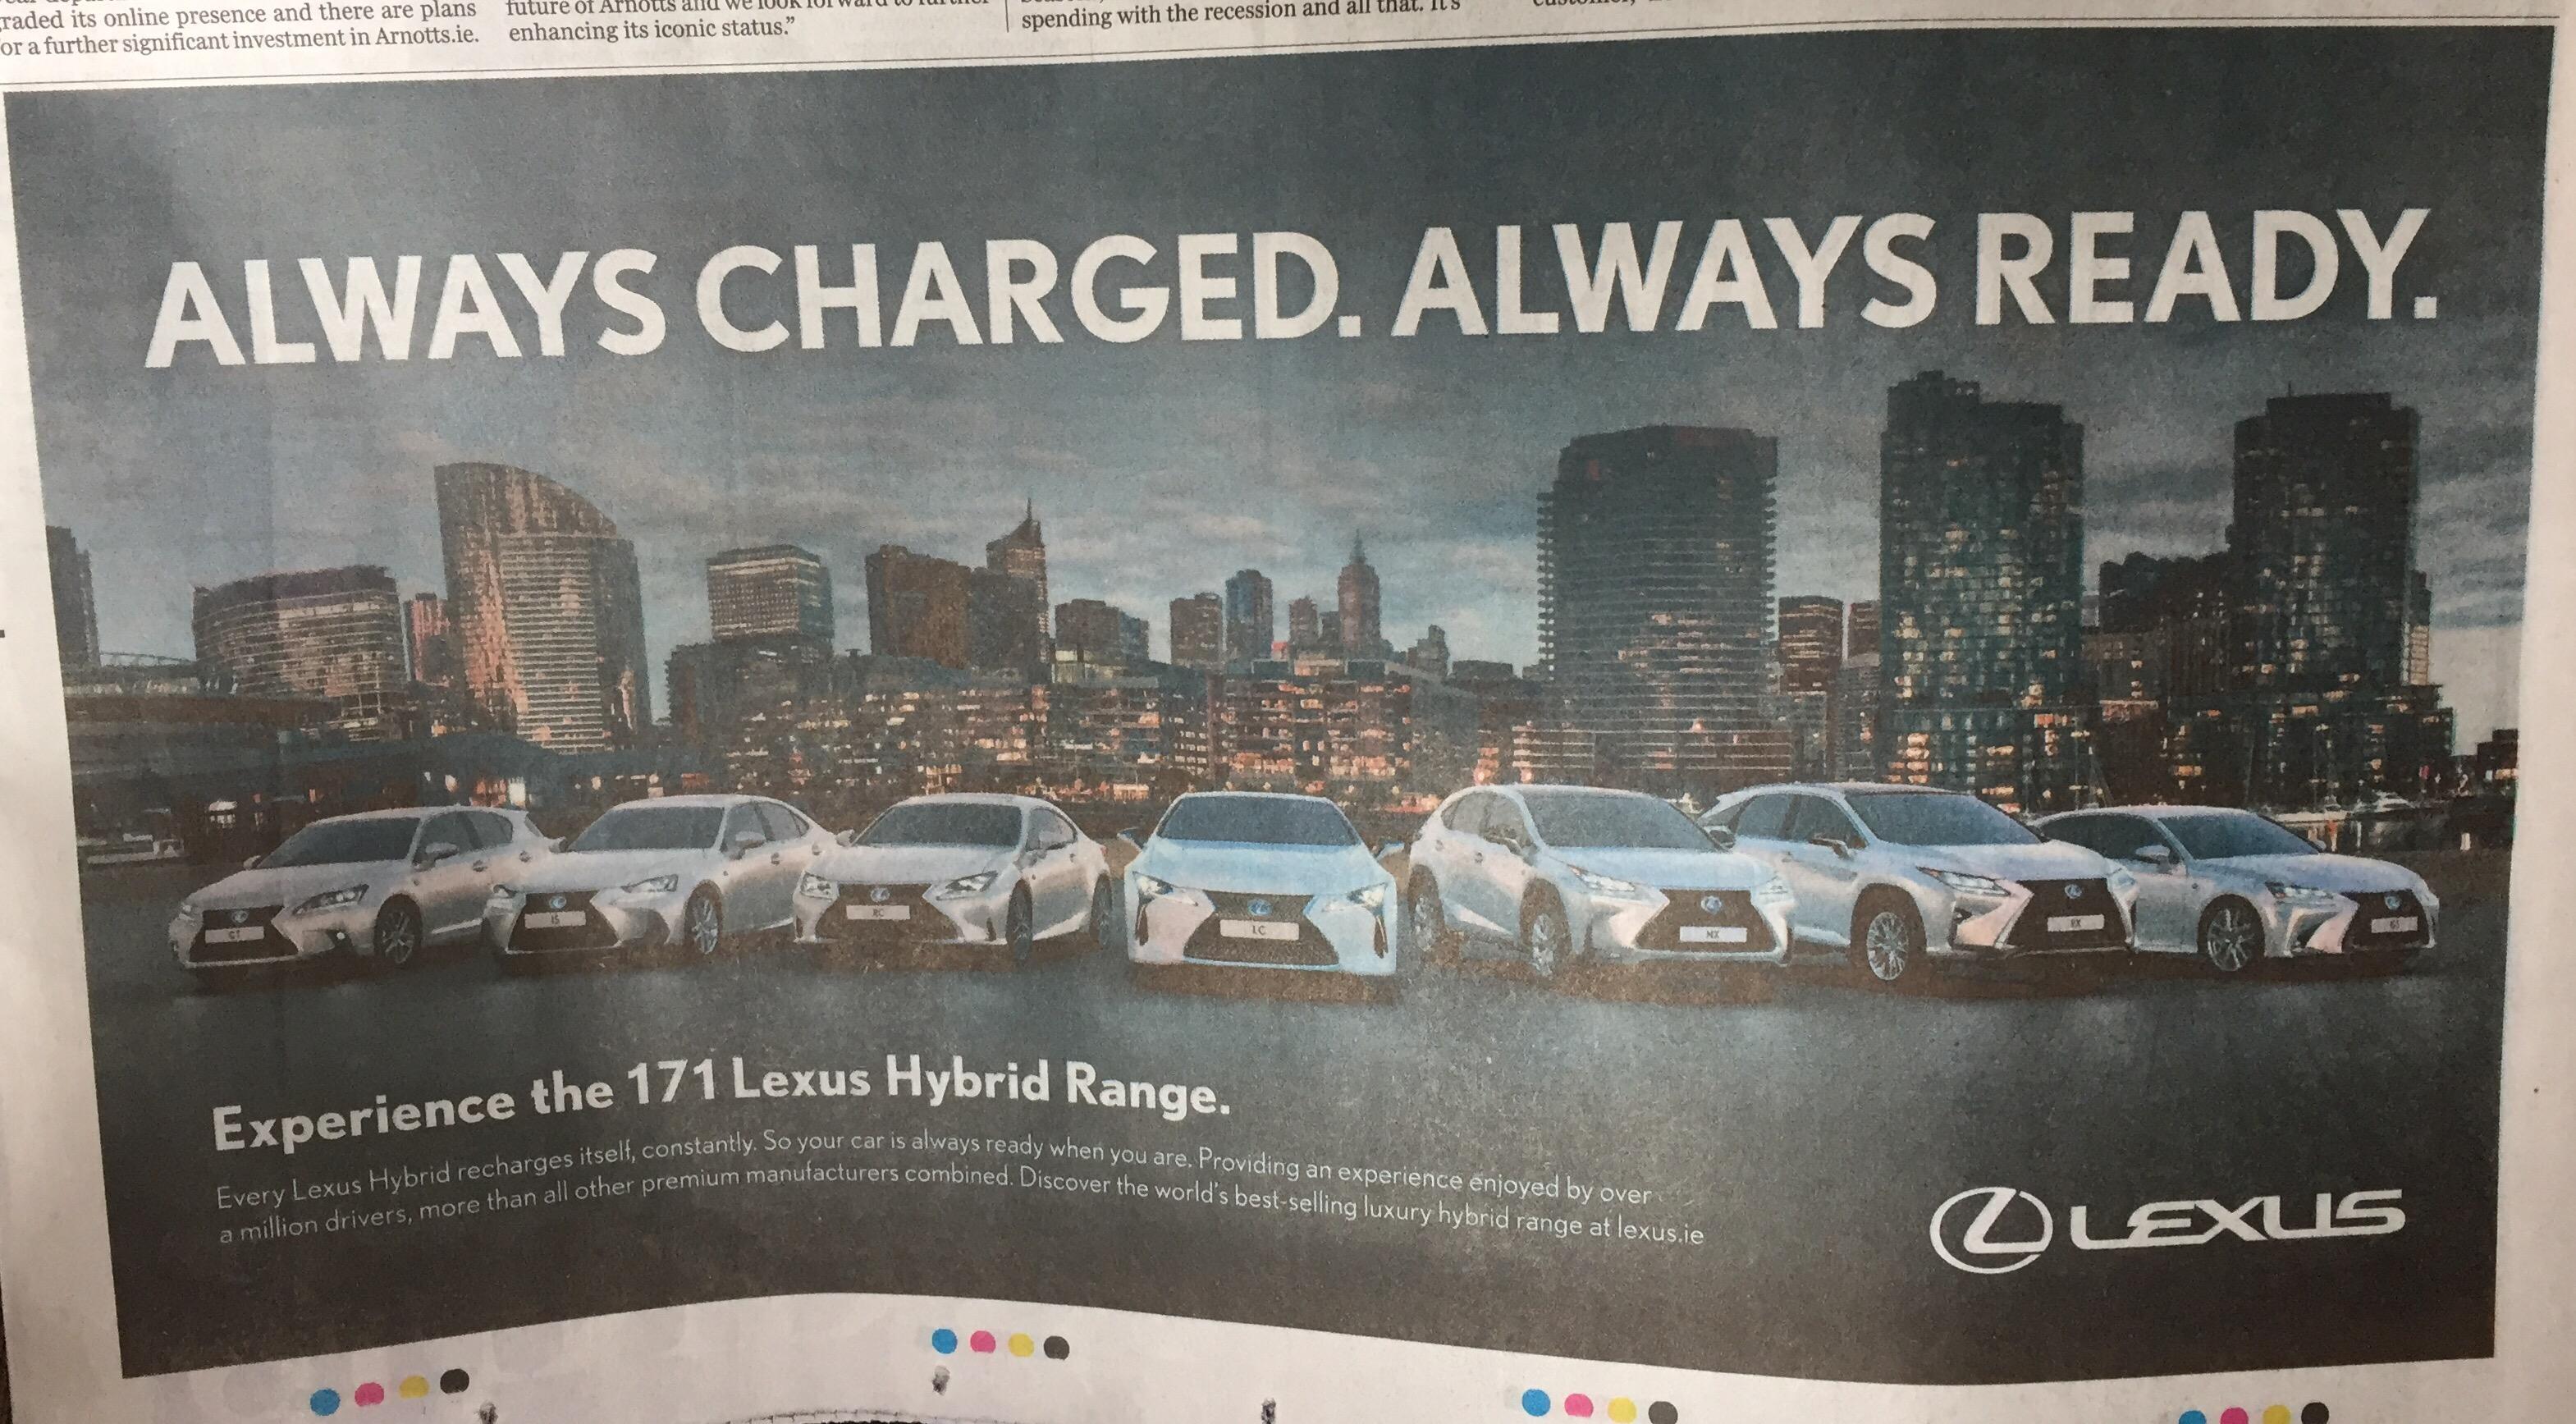 Lexus – Always charged. Always ready.